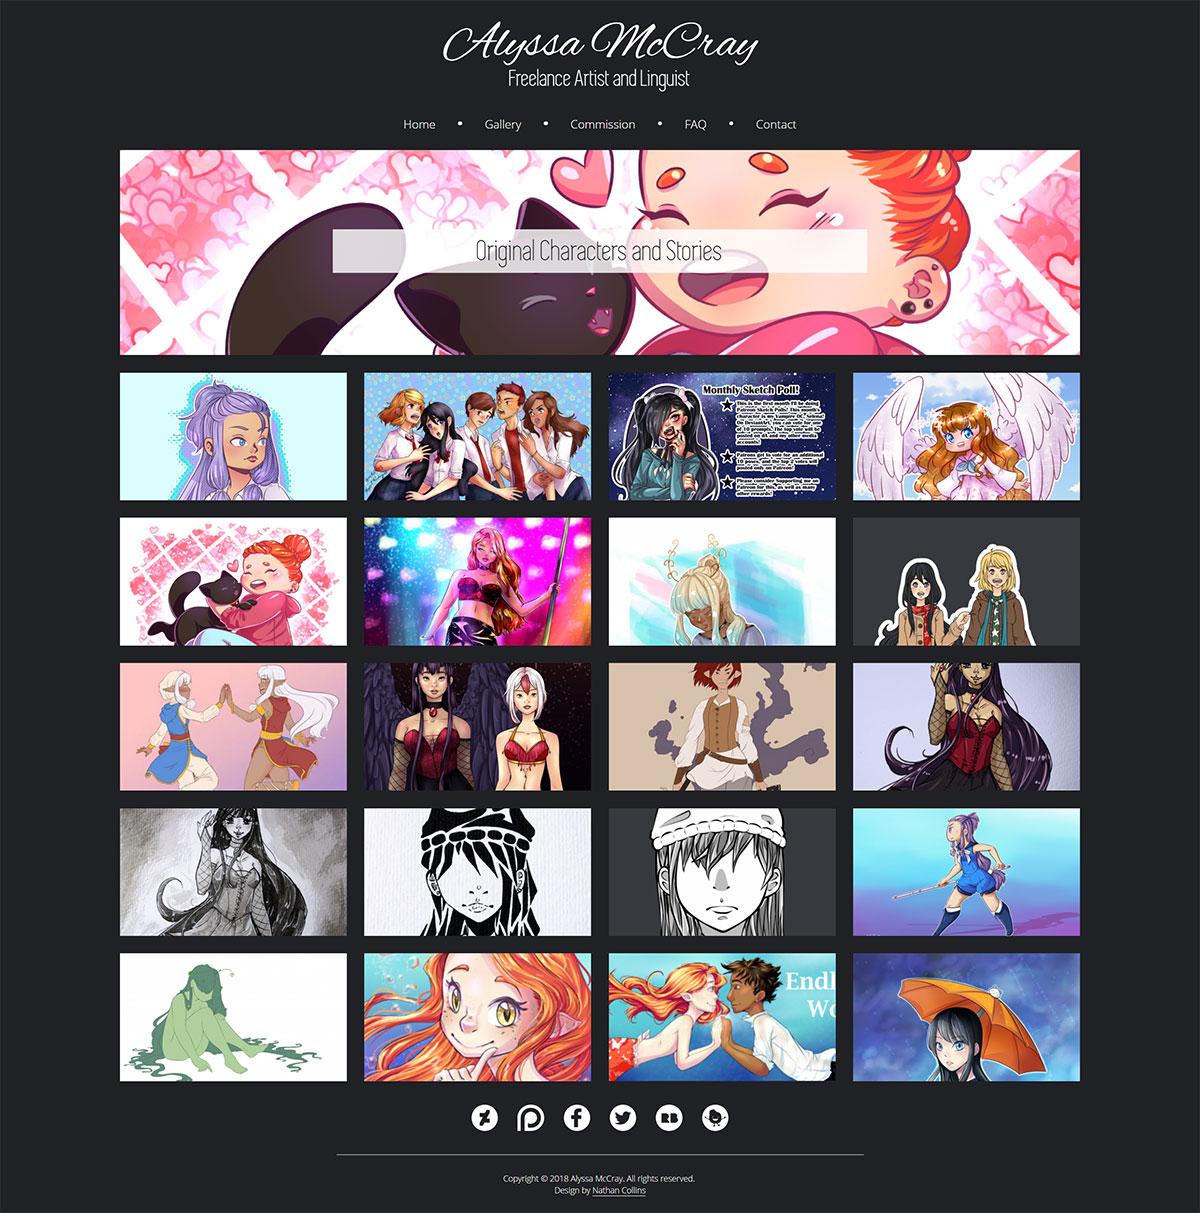 Alyssa Gallery Design